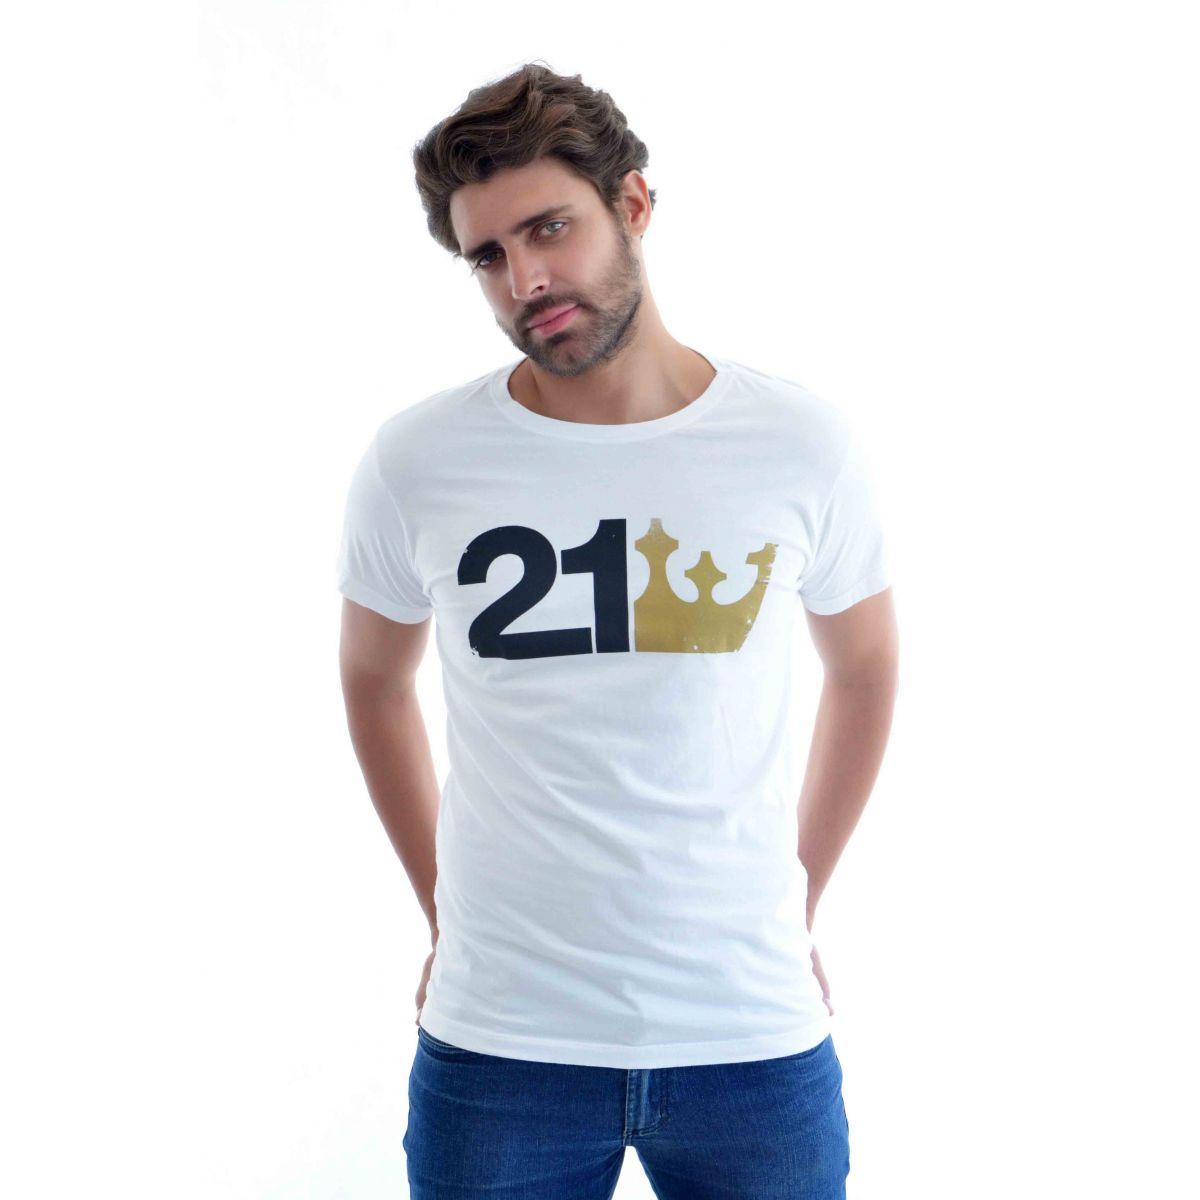 Camiseta Osklen 21 Branca  - Ca Brasileira